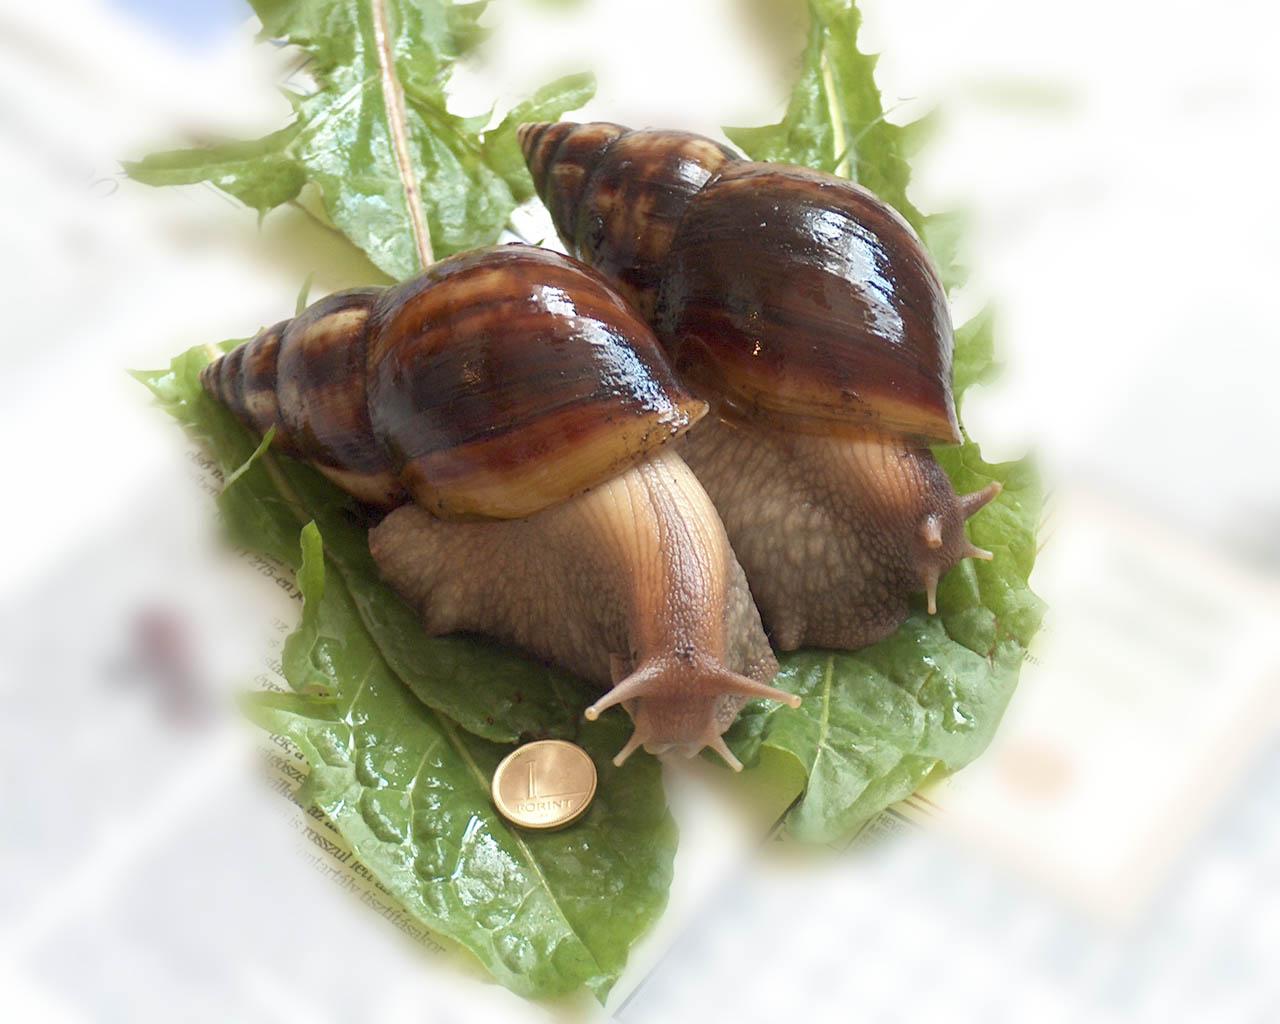 Mi az Achatina csigák látványa